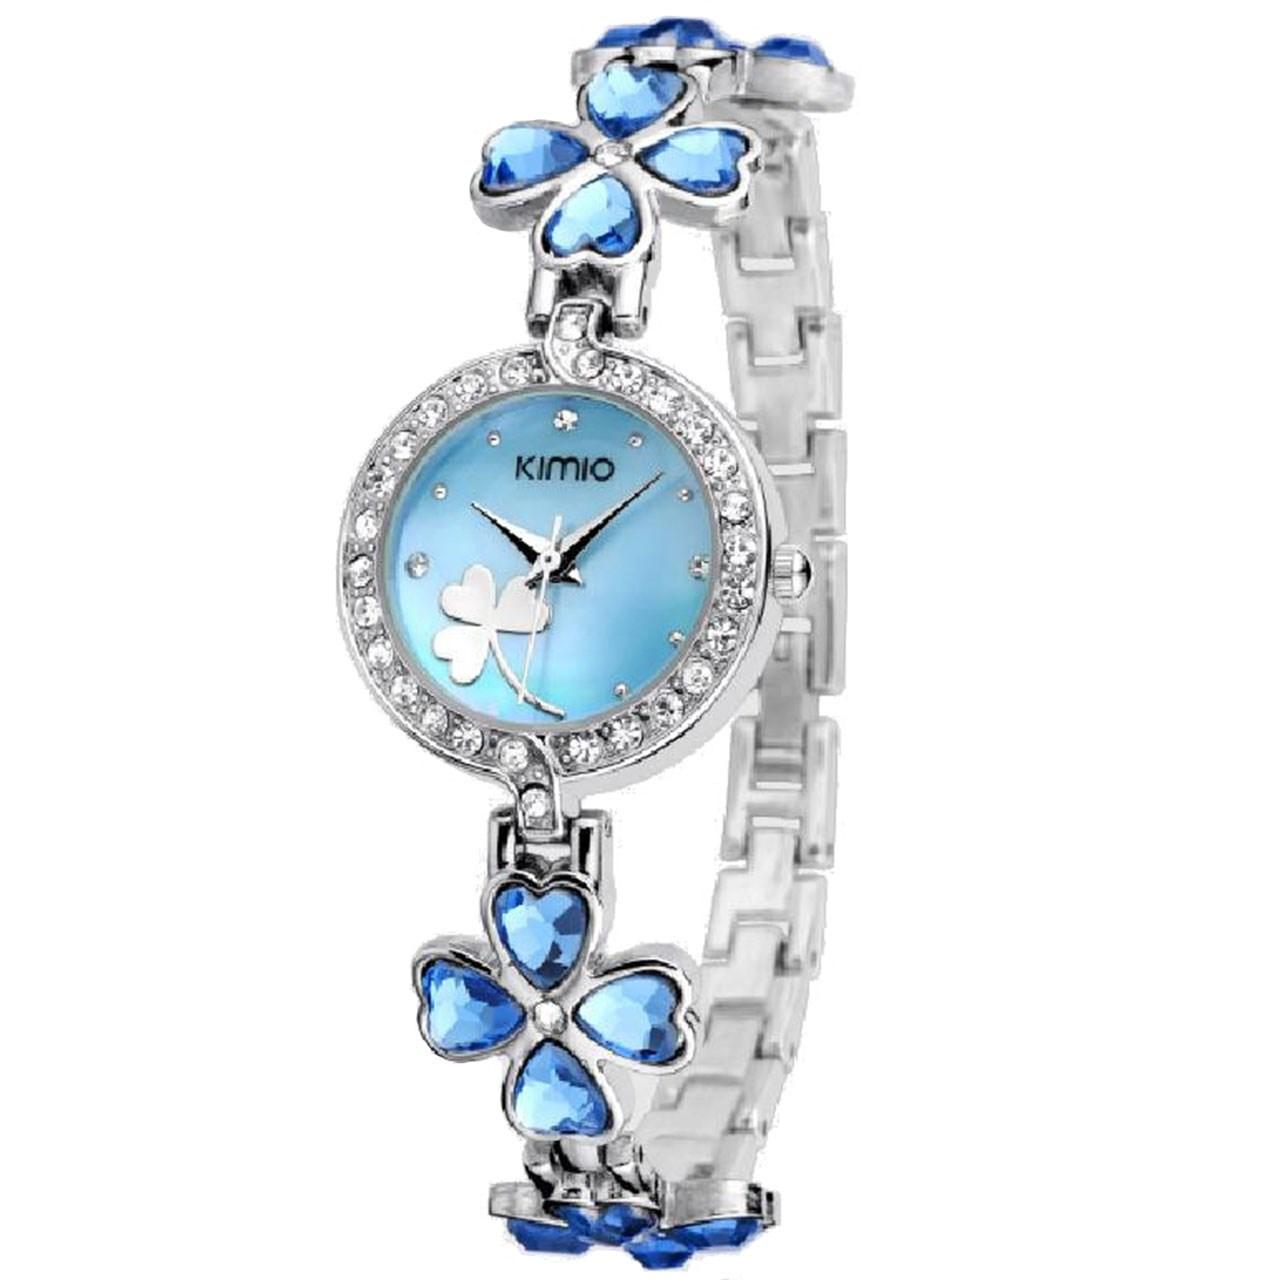 ساعت مچی عقربه ای زنانه کیمیو مدل K456L-Blue